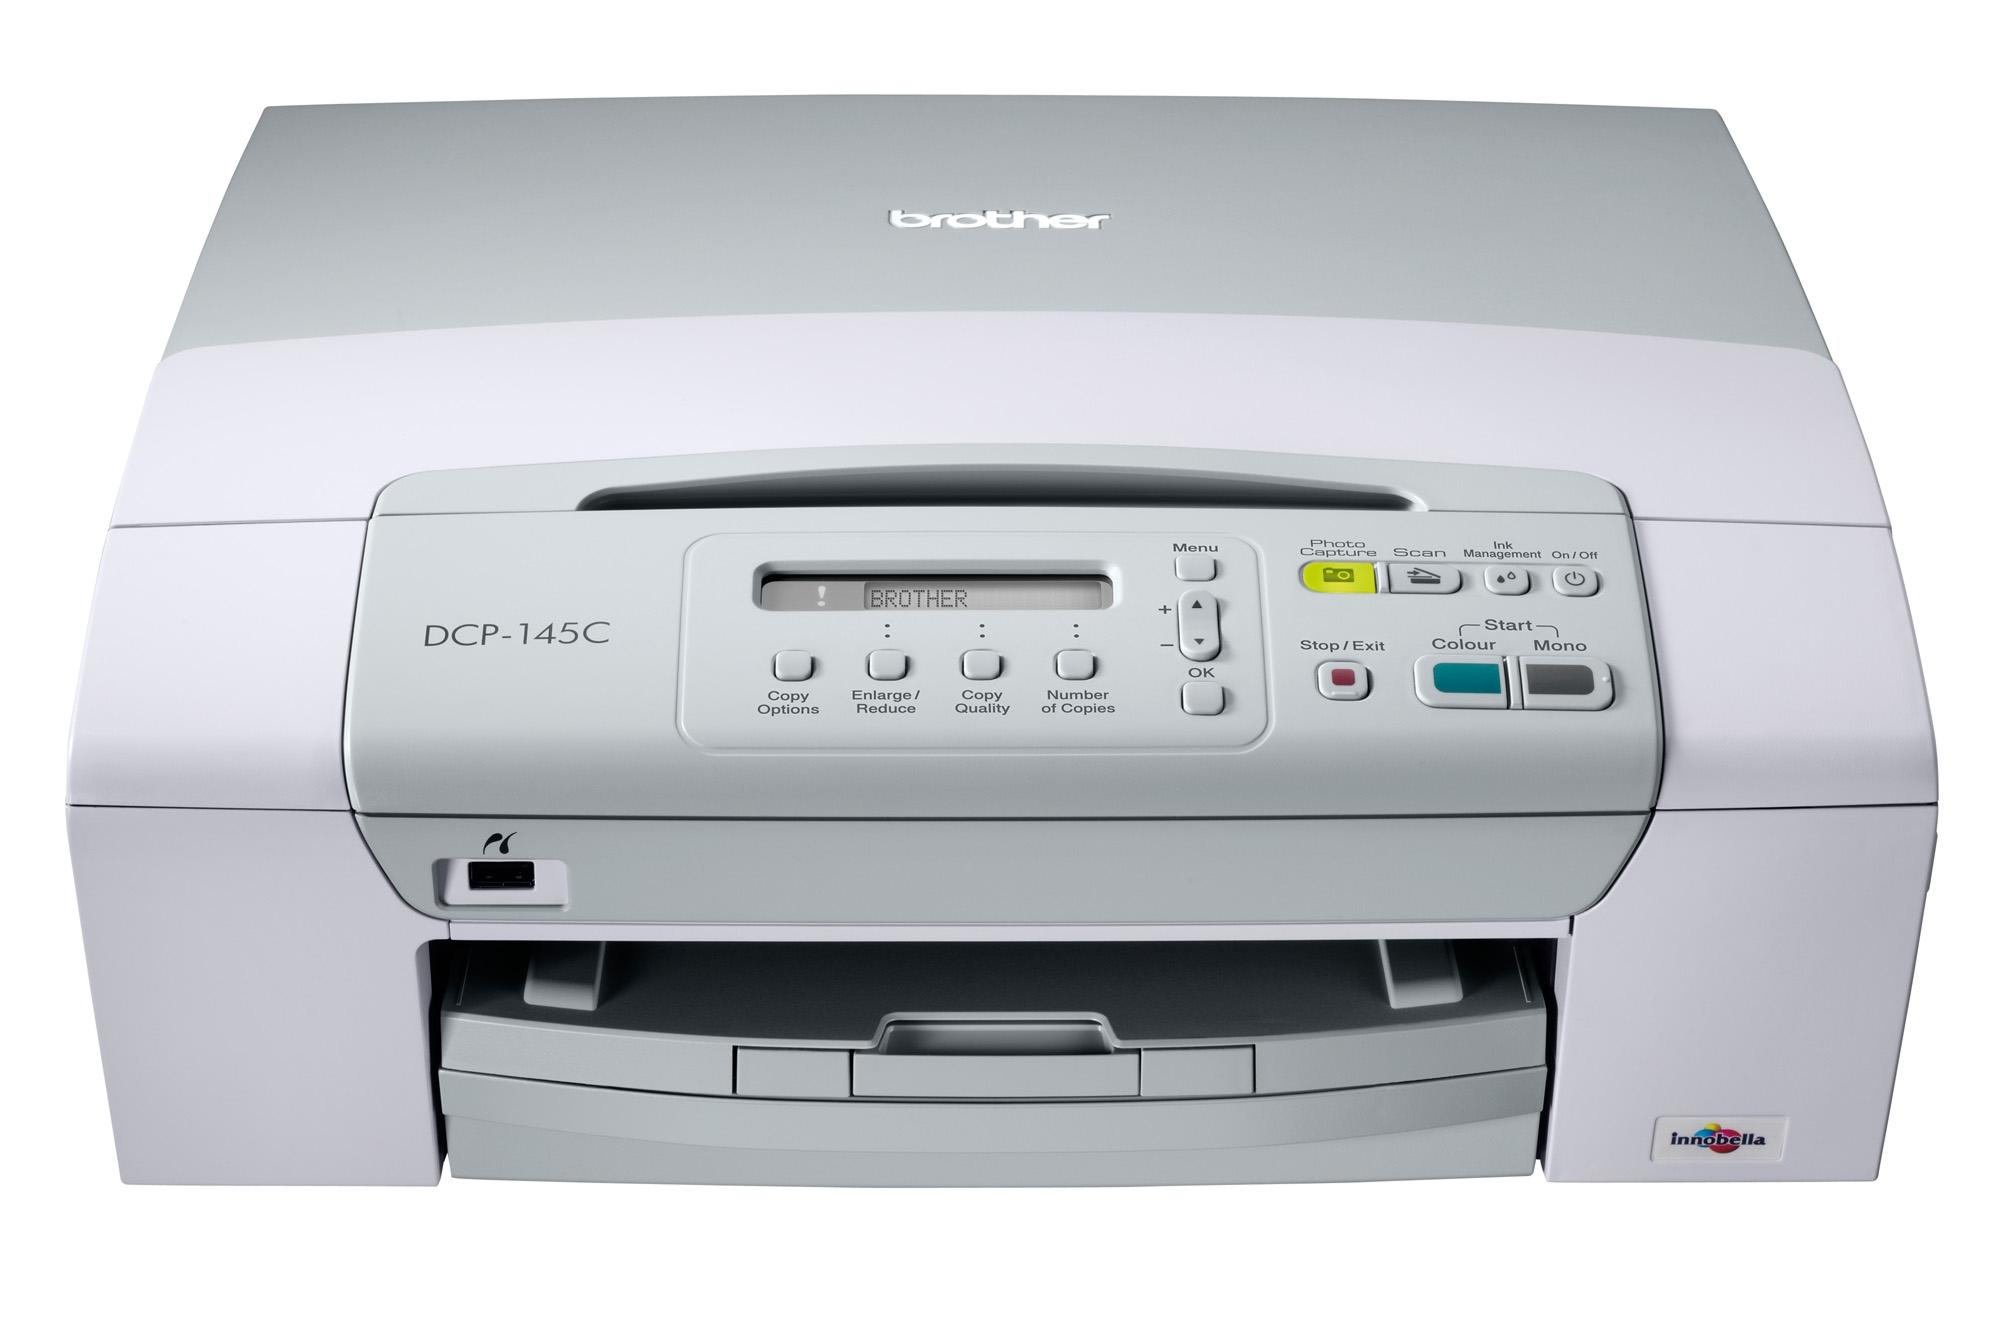 DCP 145C